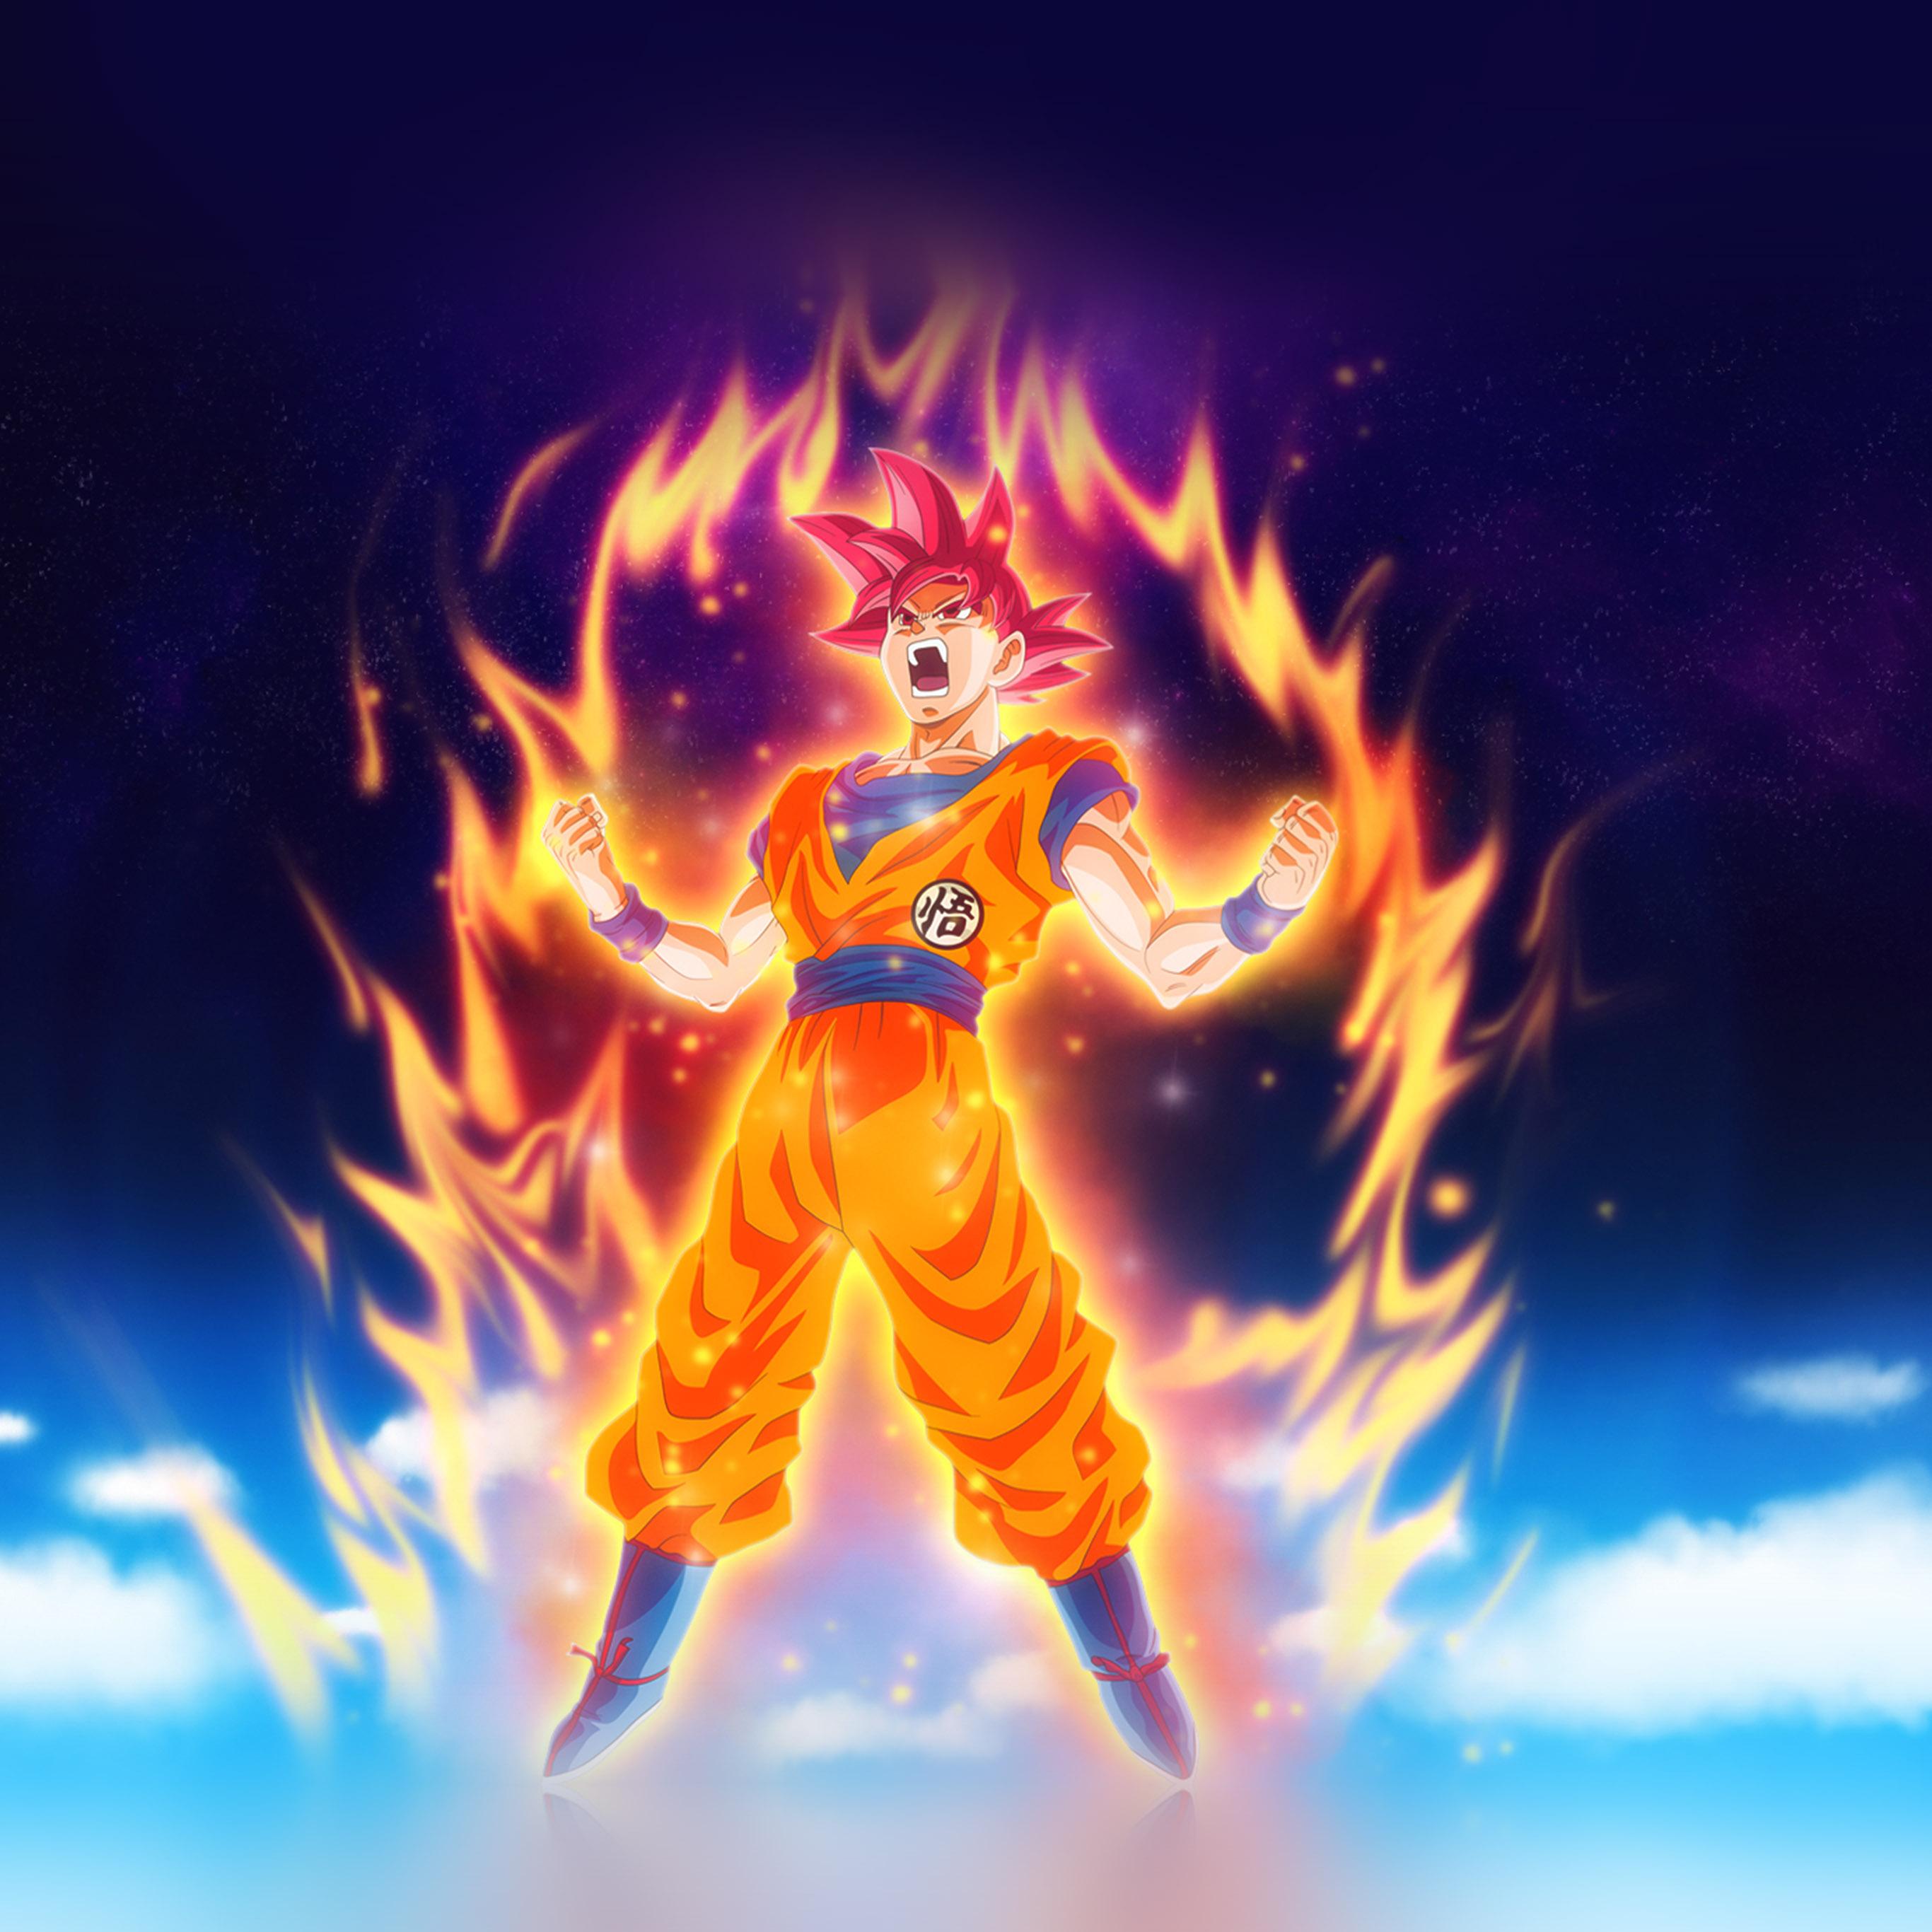 Be62 Dragon Ball Fire Art Illustration Hero Anime Wallpaper